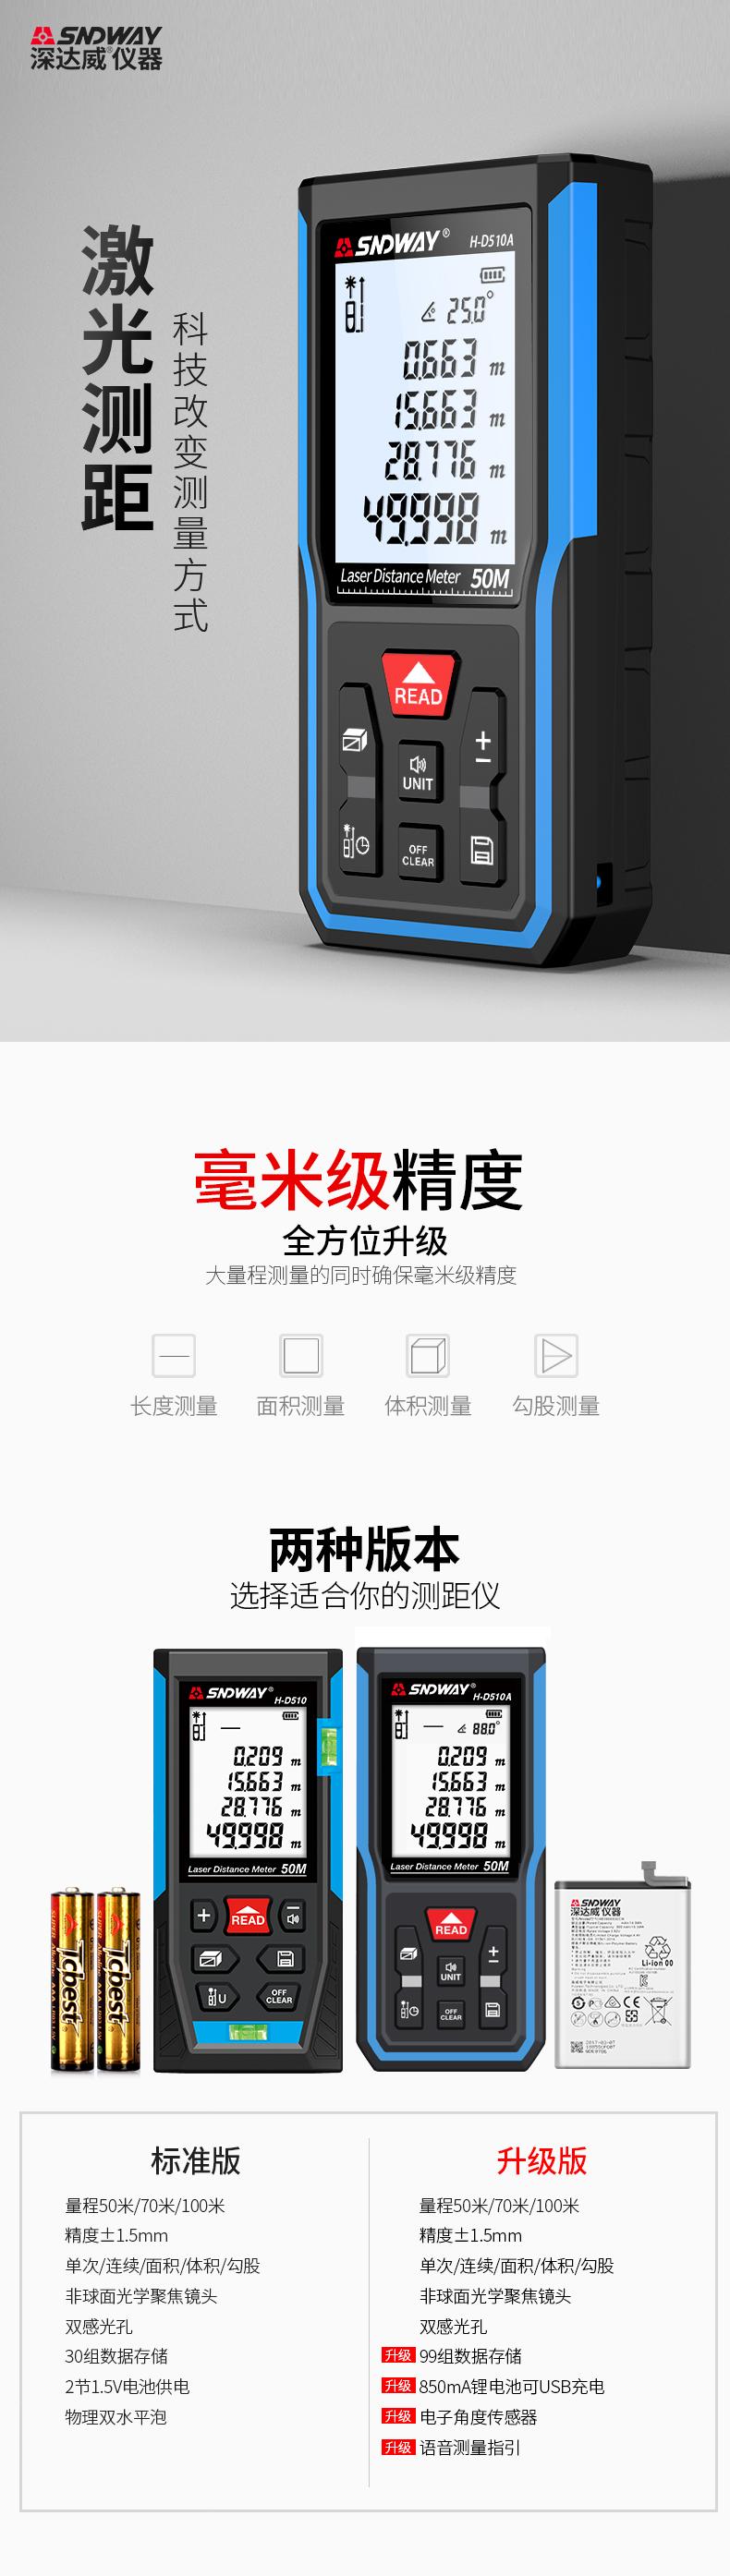 深达威激光测距仪红外线电子尺高精度激光尺测量工具手持量房仪-tmall_01